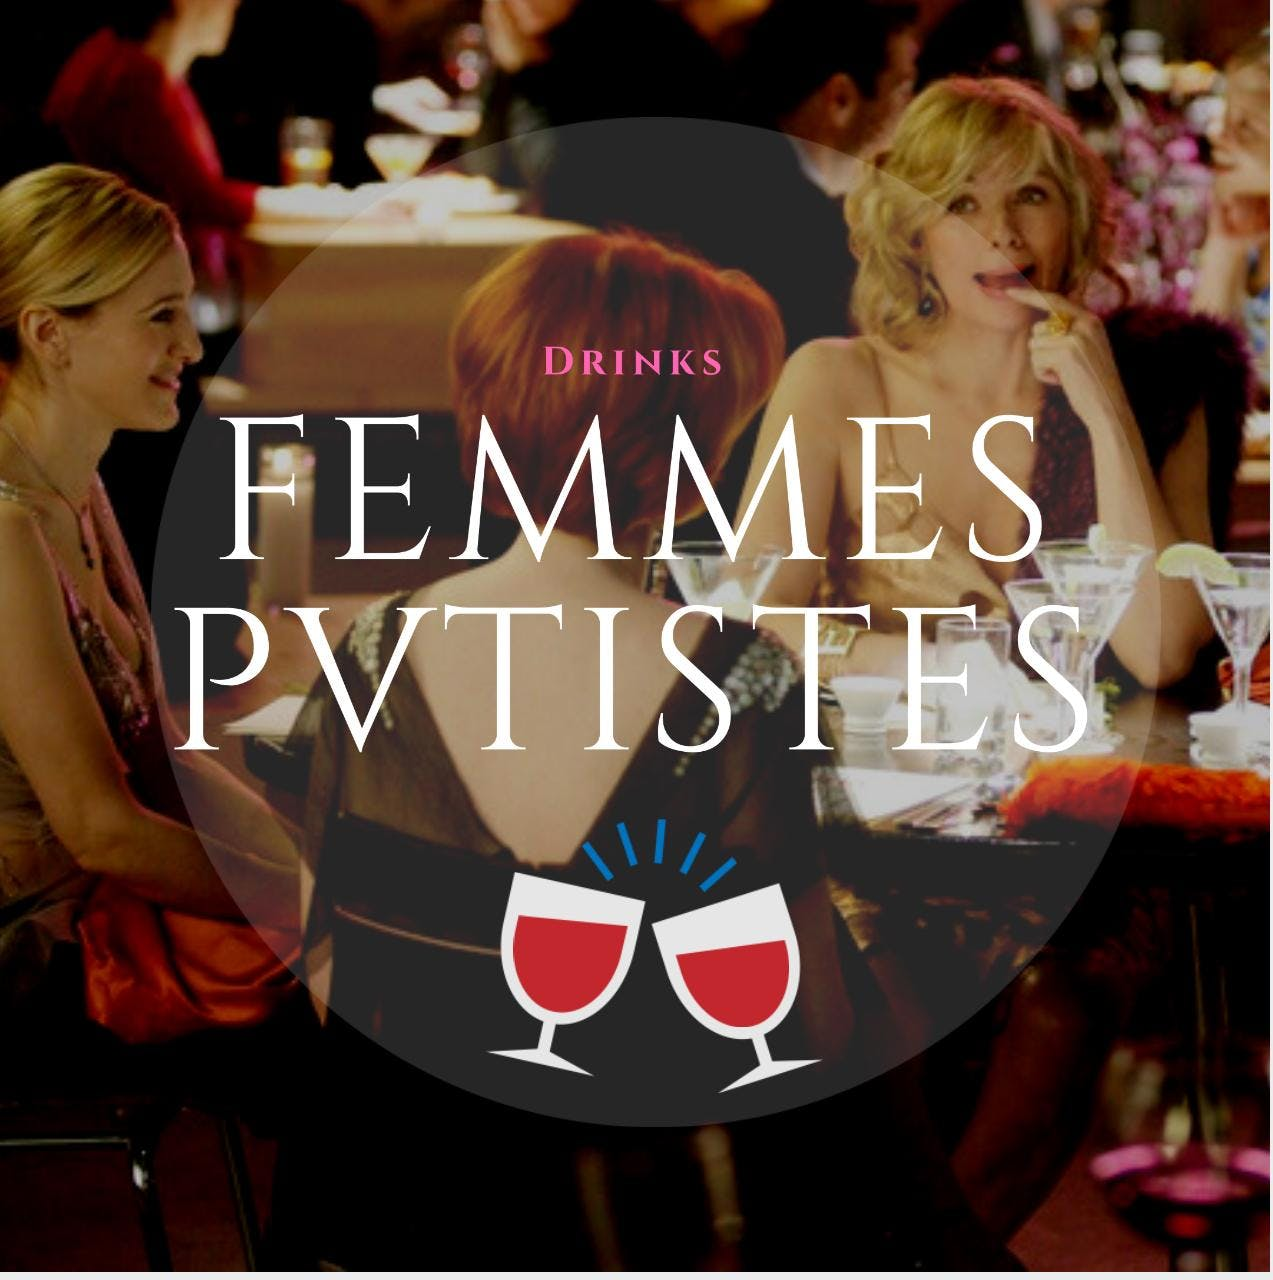 FEMMES PVTISTES   DRIINKS !